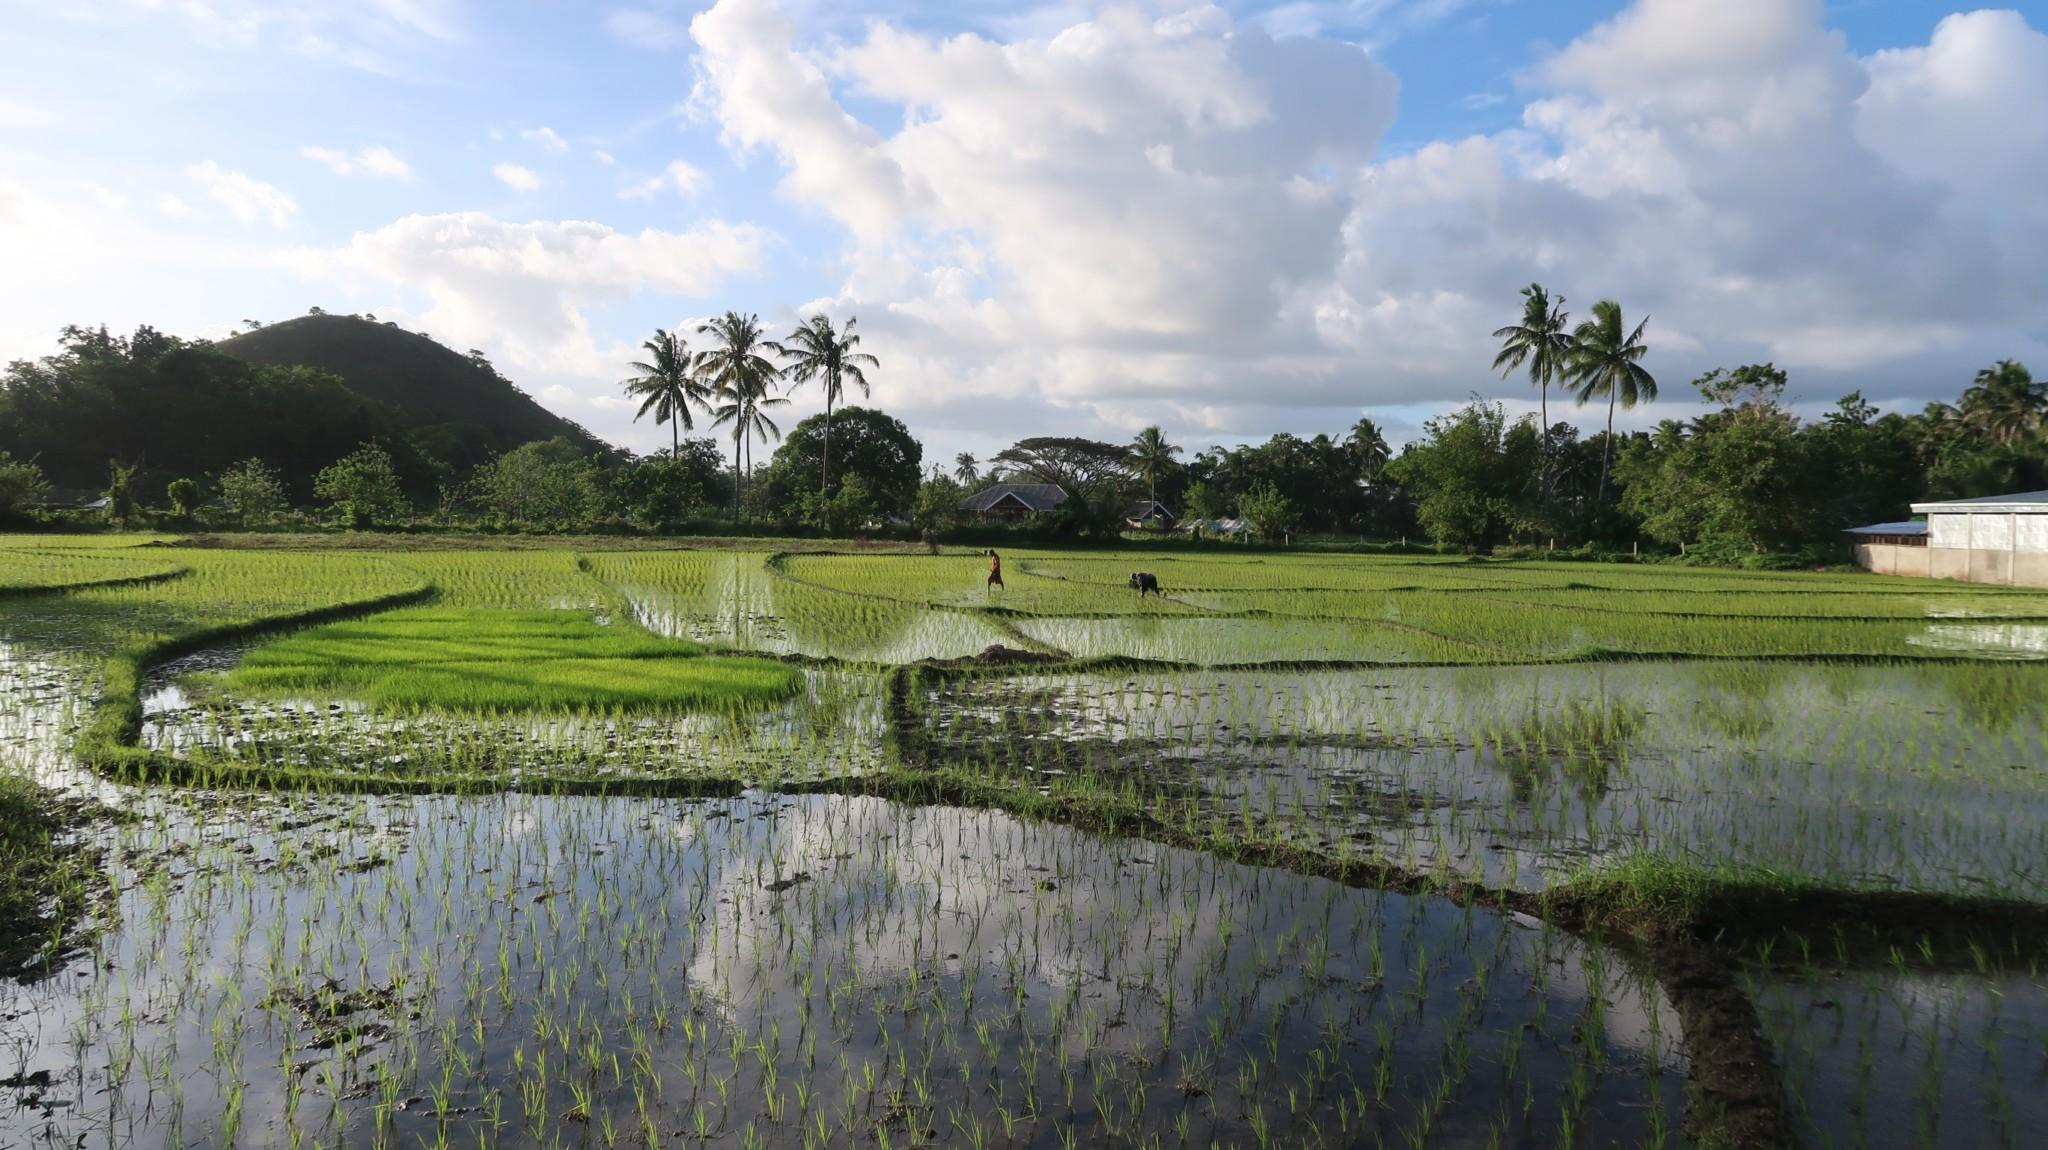 Reisfelder Bohol